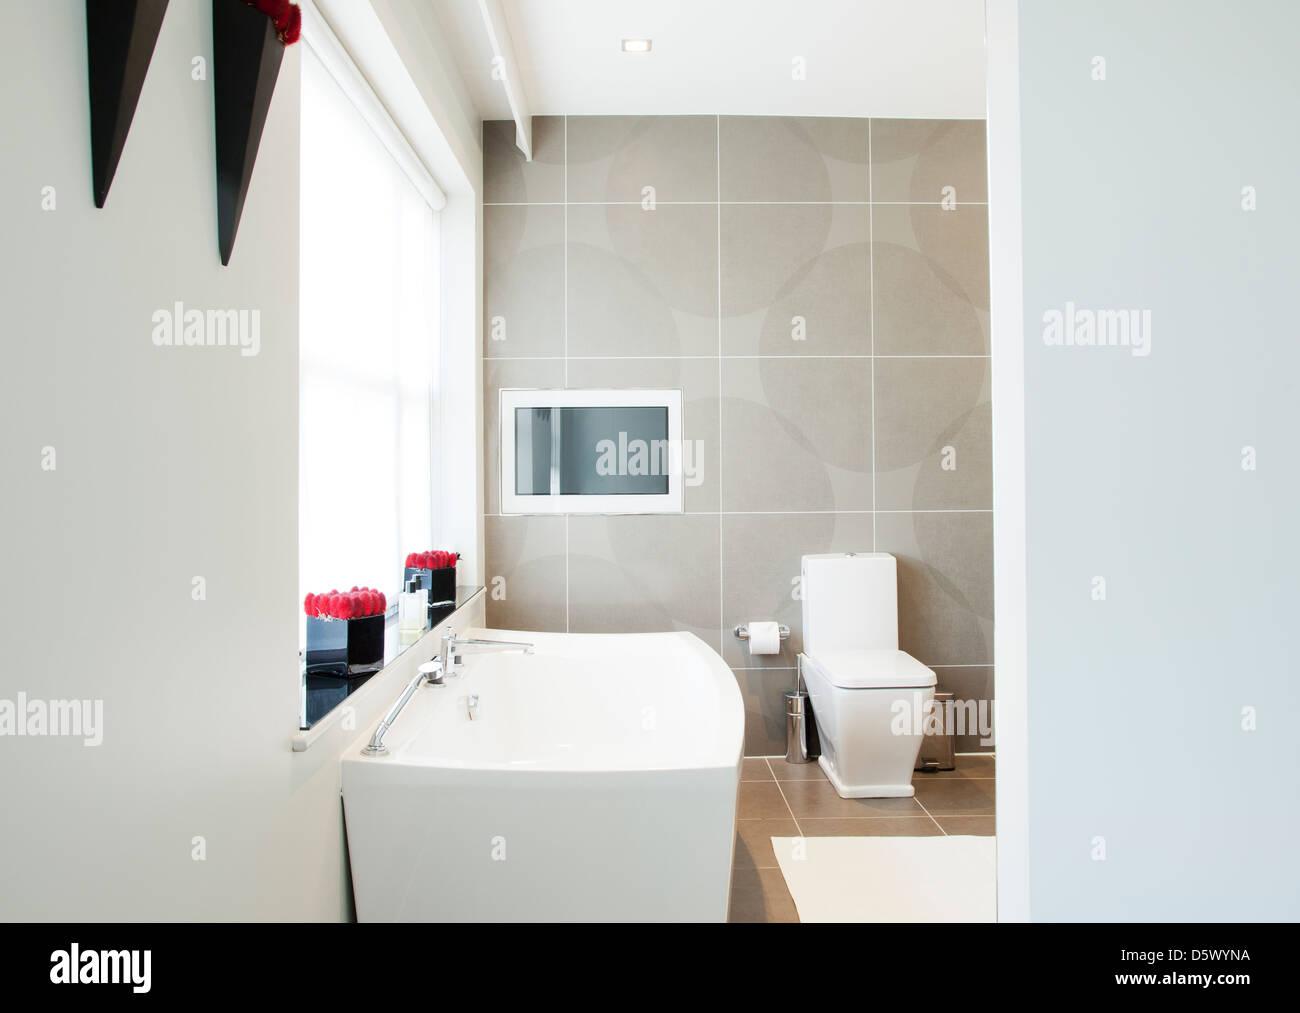 Wc E Lavandino In Bagno Moderno Foto Immagine Stock 55274950 Alamy